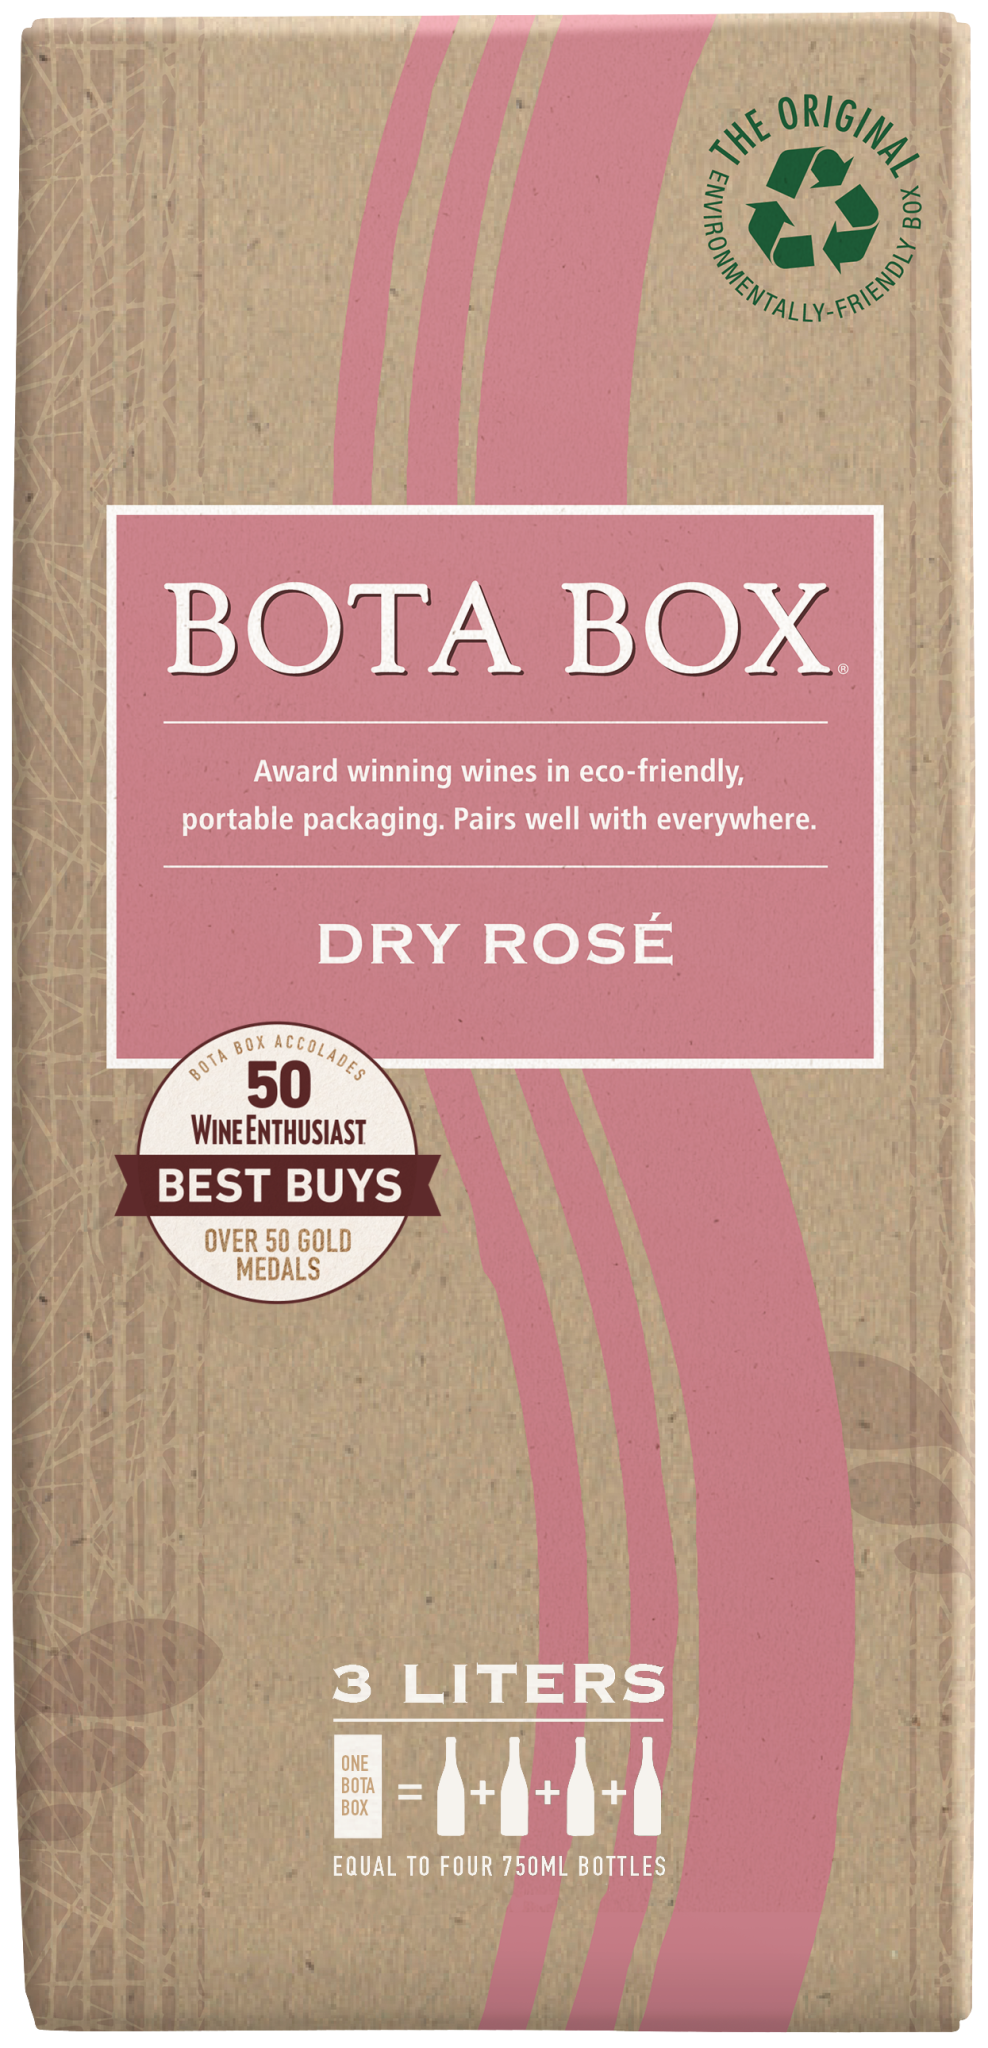 BOTA BOX ROSE 3 LITER BOX